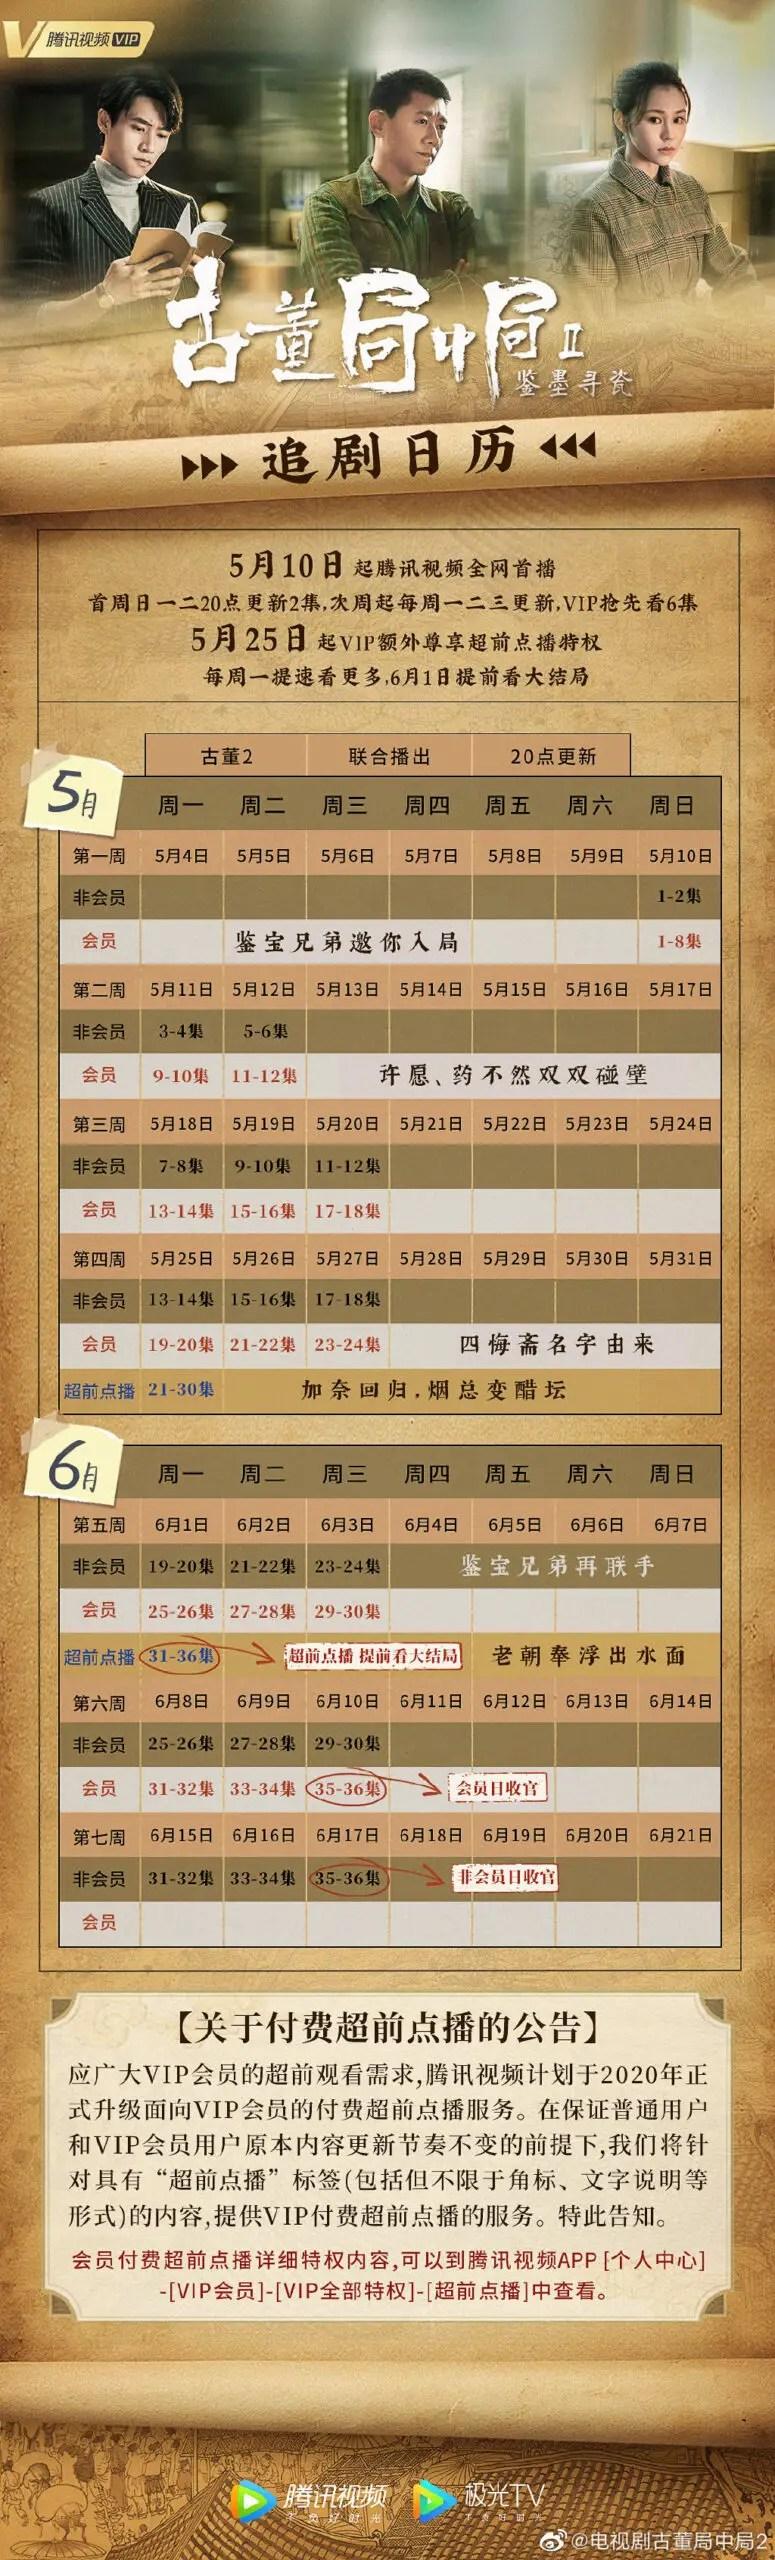 Antique Bureau Midgame Airing Calendar